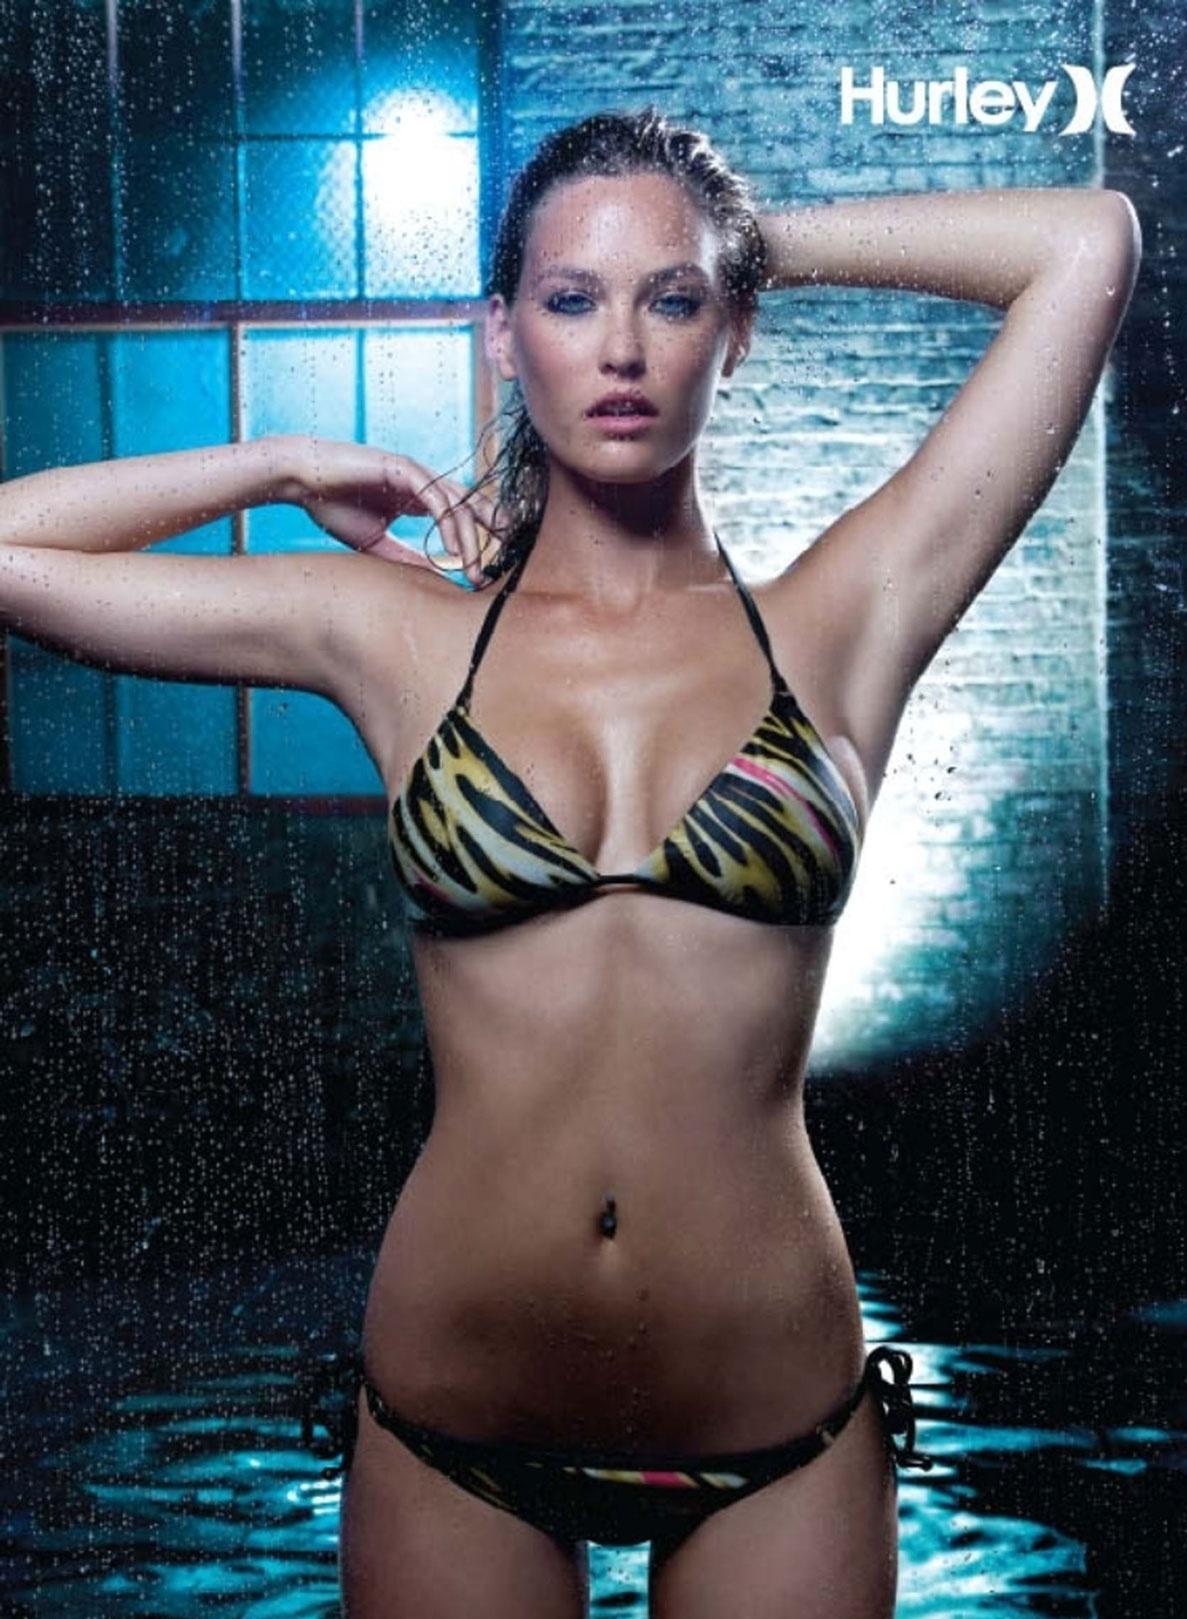 bar-refaeli-bikini-hurley-01.large.jpg